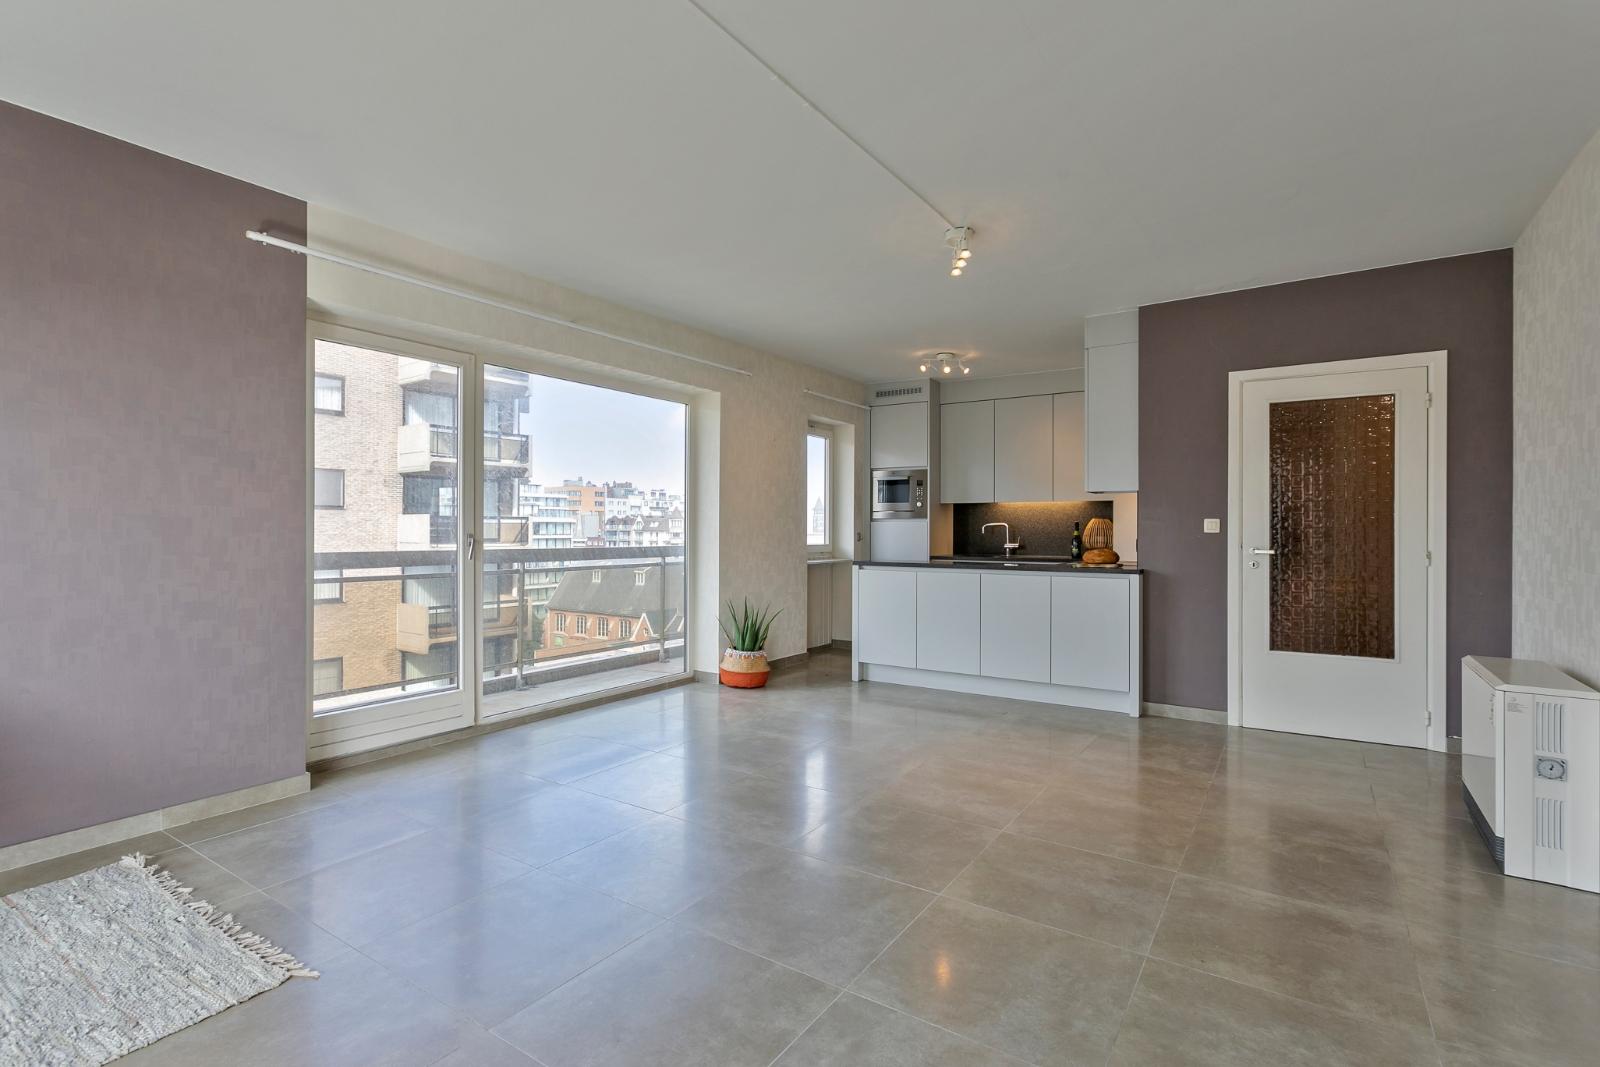 Ruim appartement met zicht op de Leopold I Esplanade. - 3